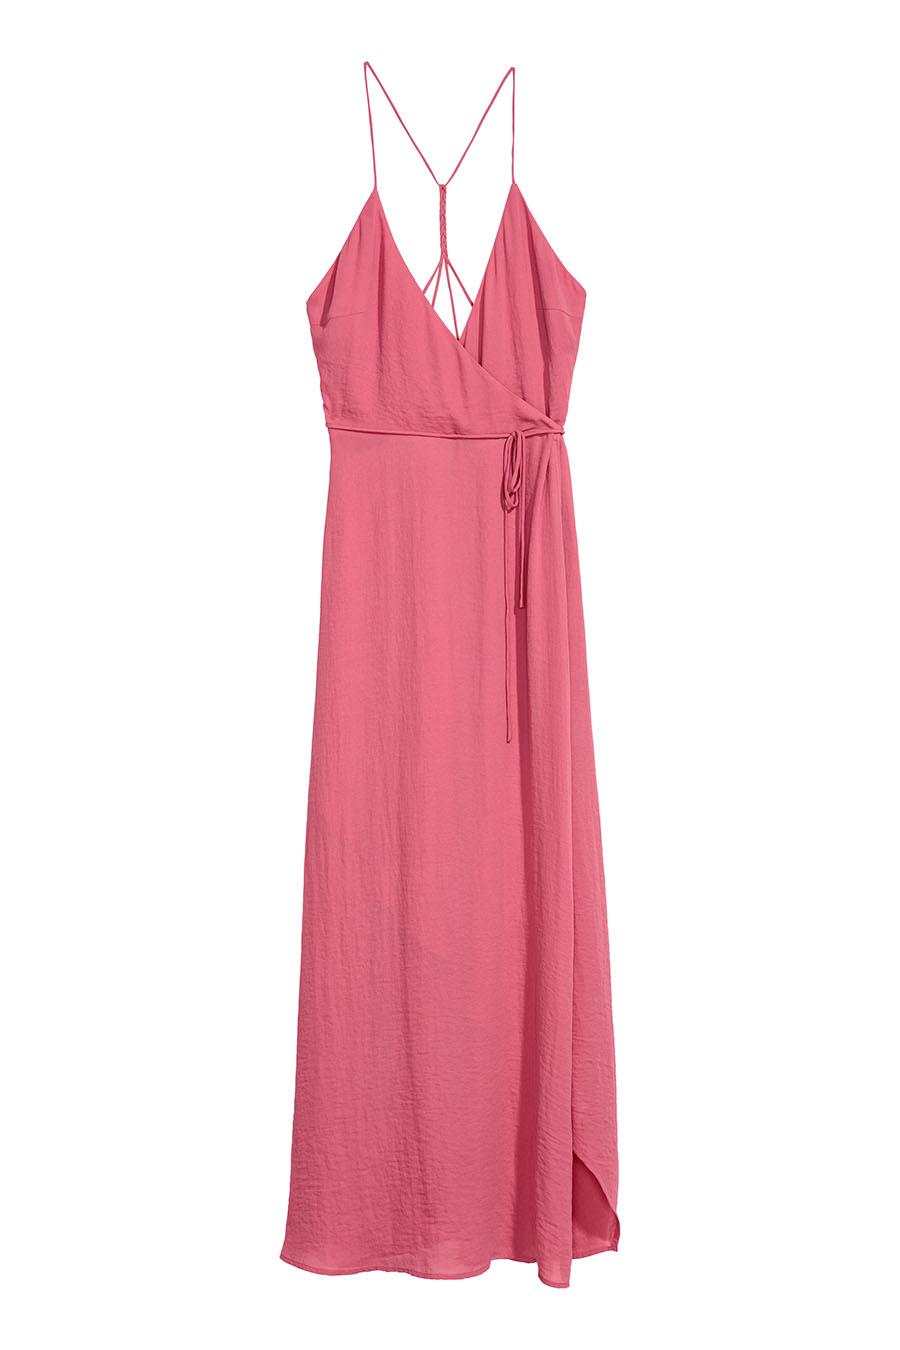 Vestidos de novia baratos: H&M, tu mejor opción - InStyle